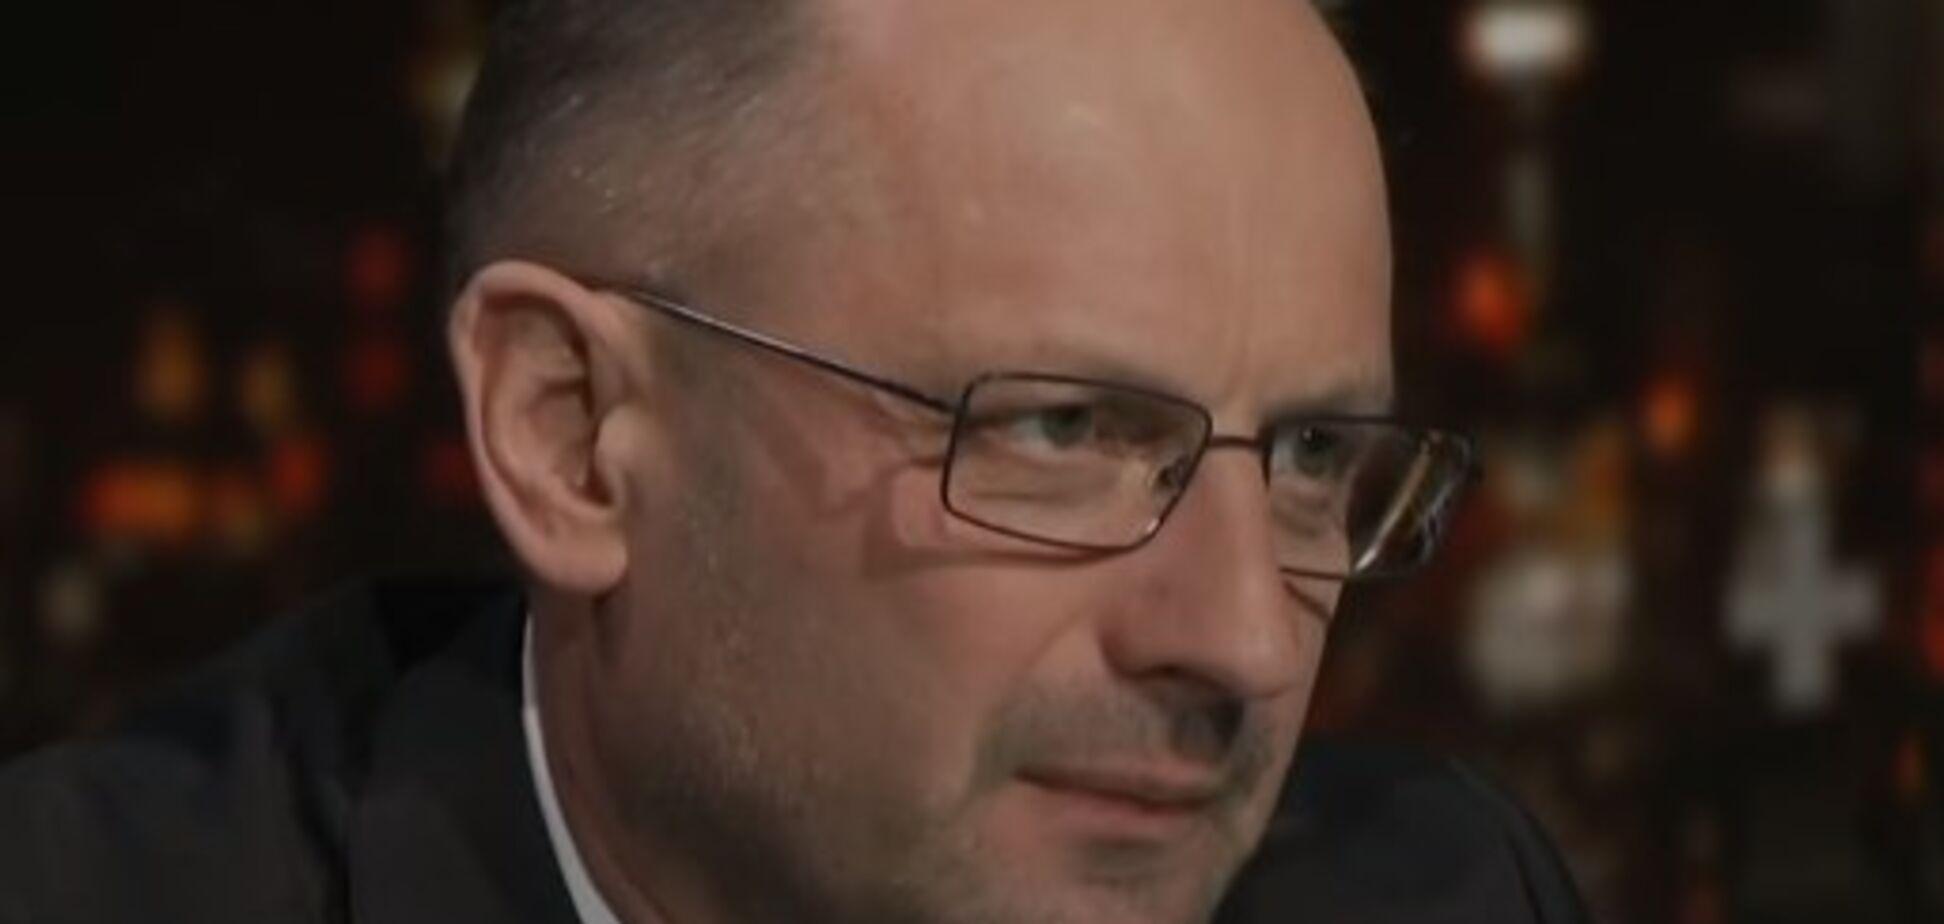 'Знаю как': Бессмертный рассказал о плане окончания войны на Донбассе